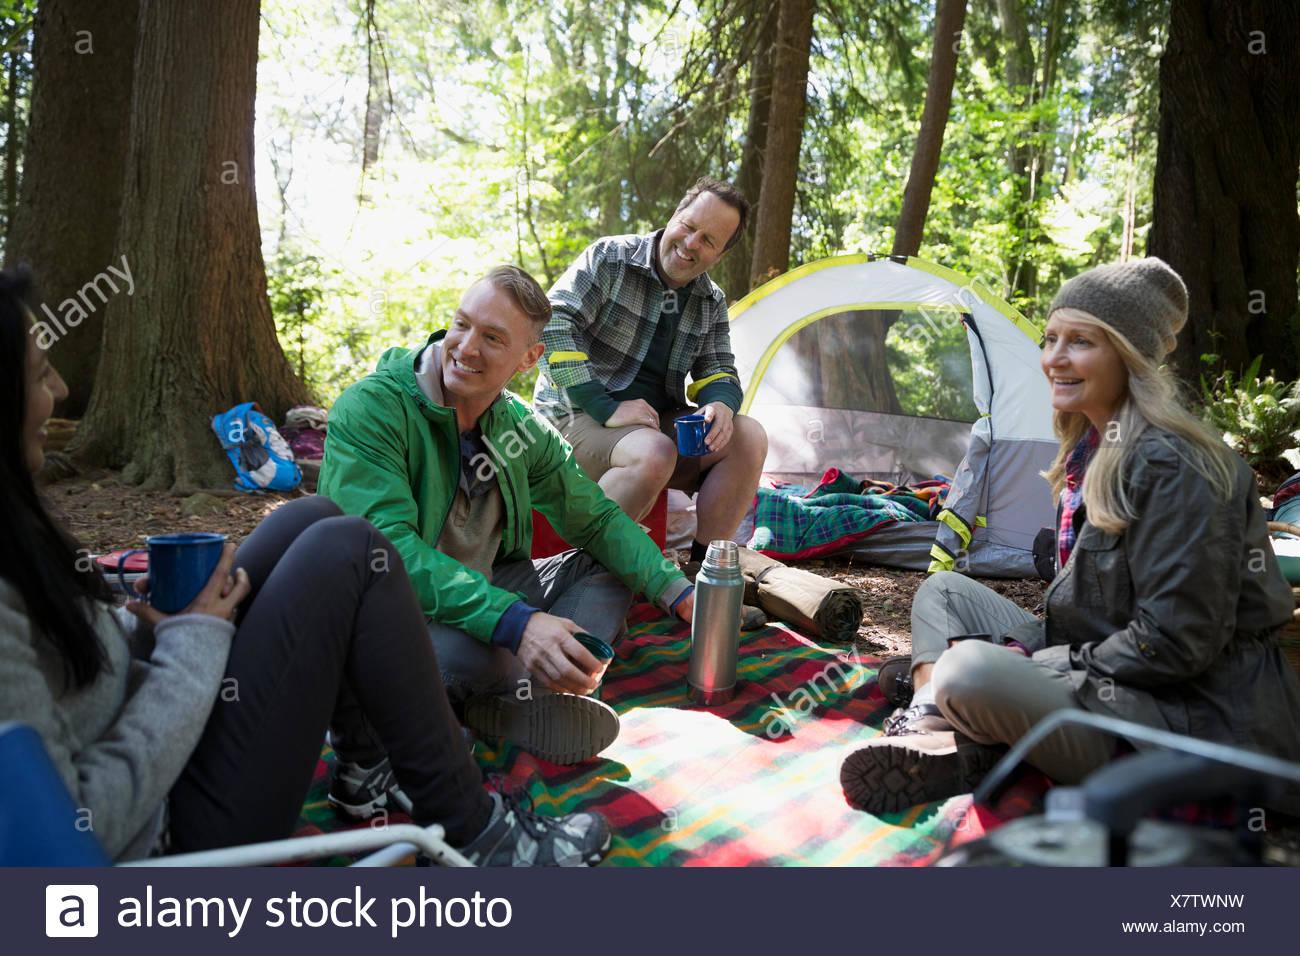 Amigos hablando y relajante en camping Imagen De Stock